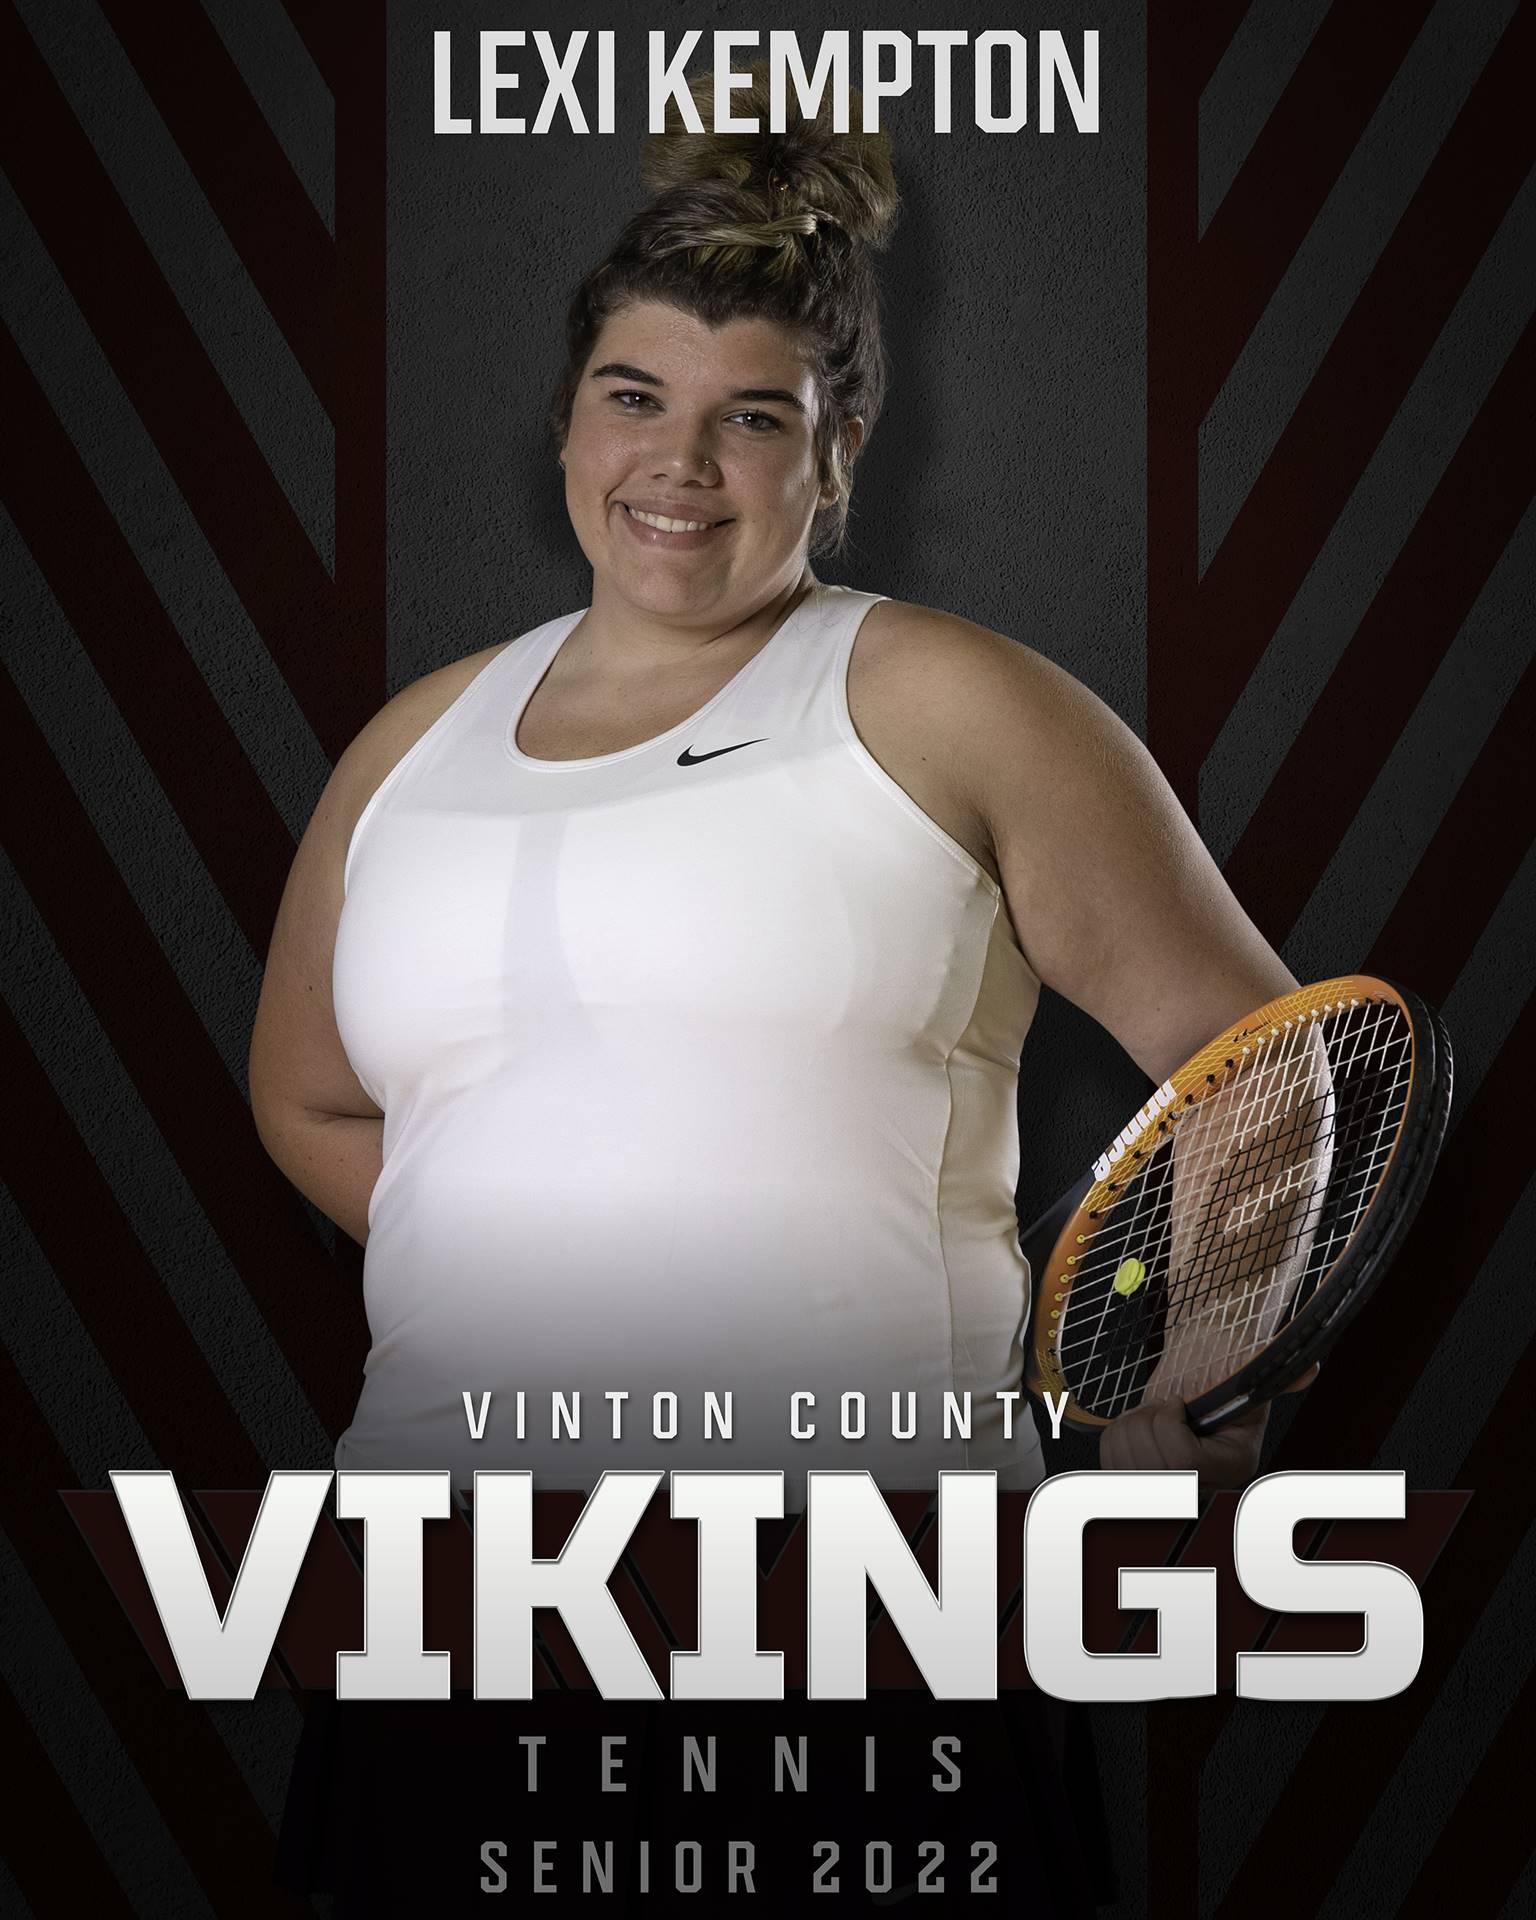 Lexi Kempton - Tennis